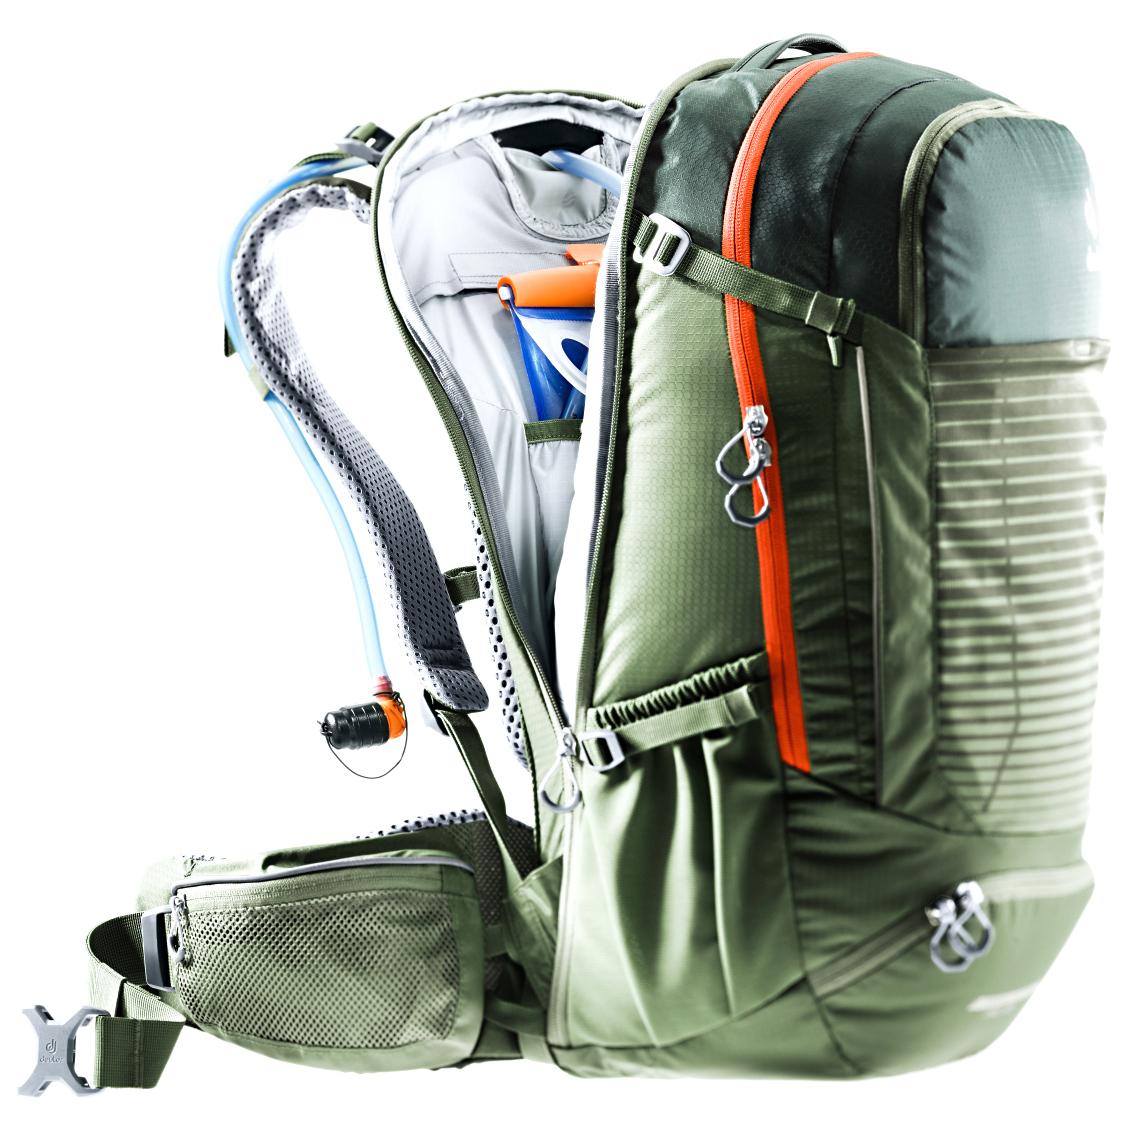 deuter trans alpine pro 28 bike rucksack. Black Bedroom Furniture Sets. Home Design Ideas